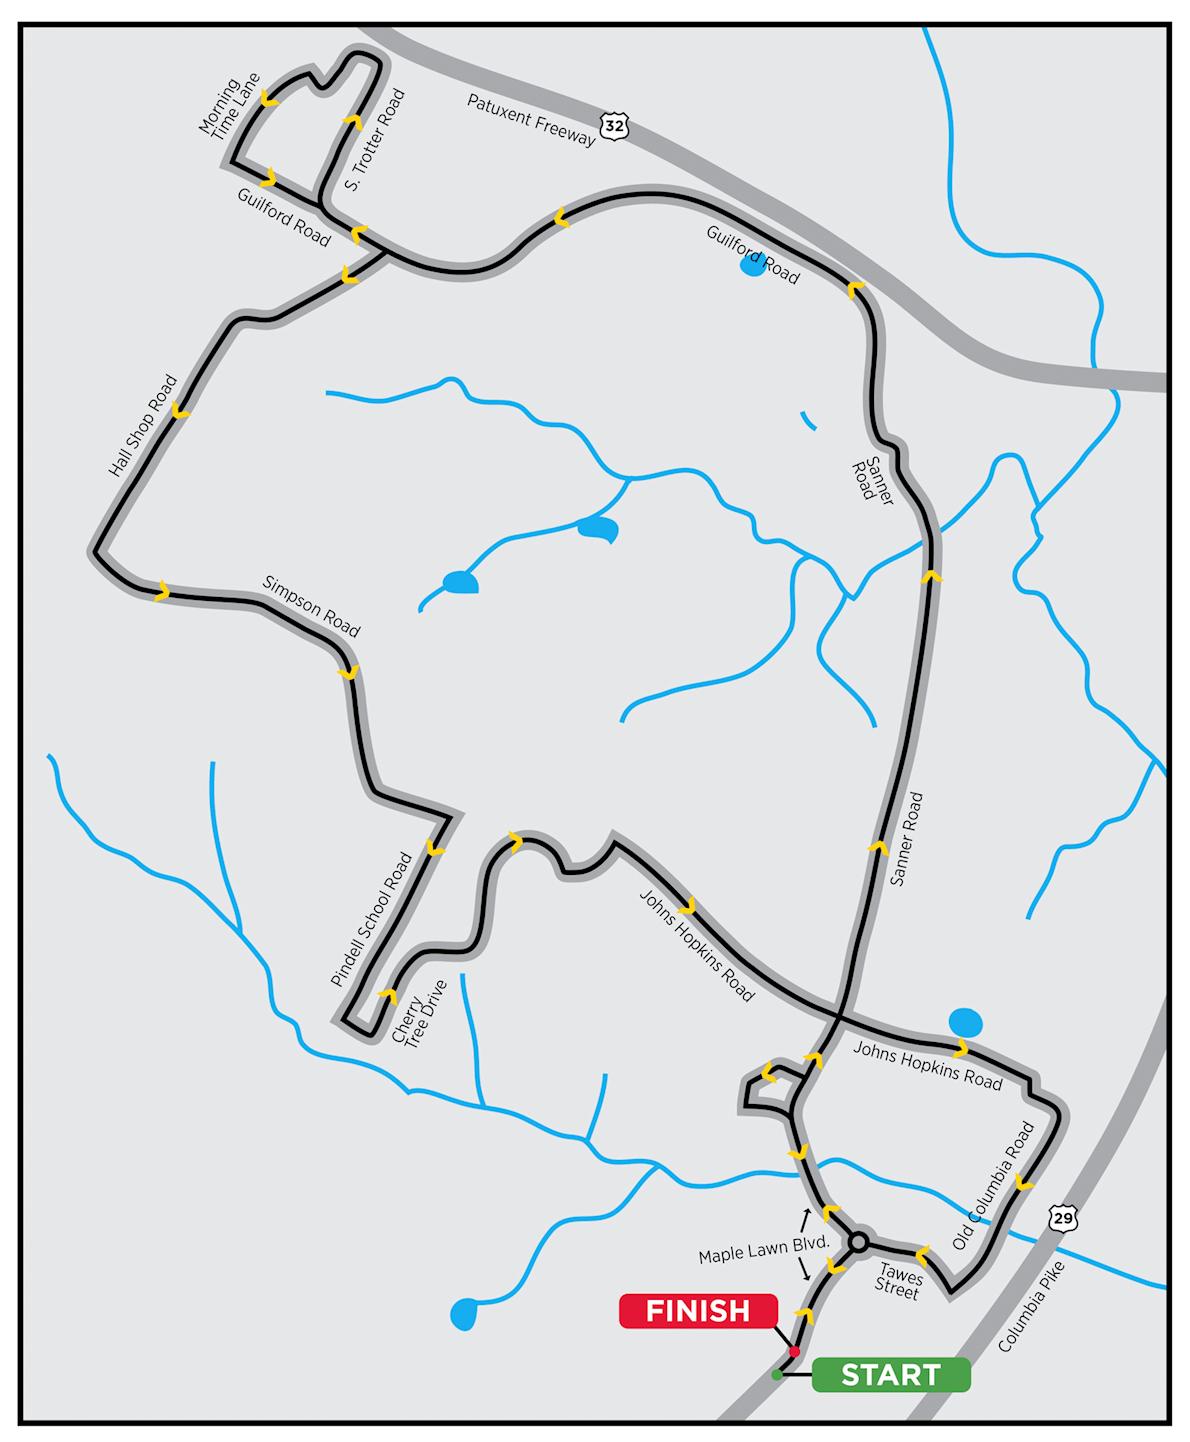 Maryland Half Marathon & 5K MAPA DEL RECORRIDO DE